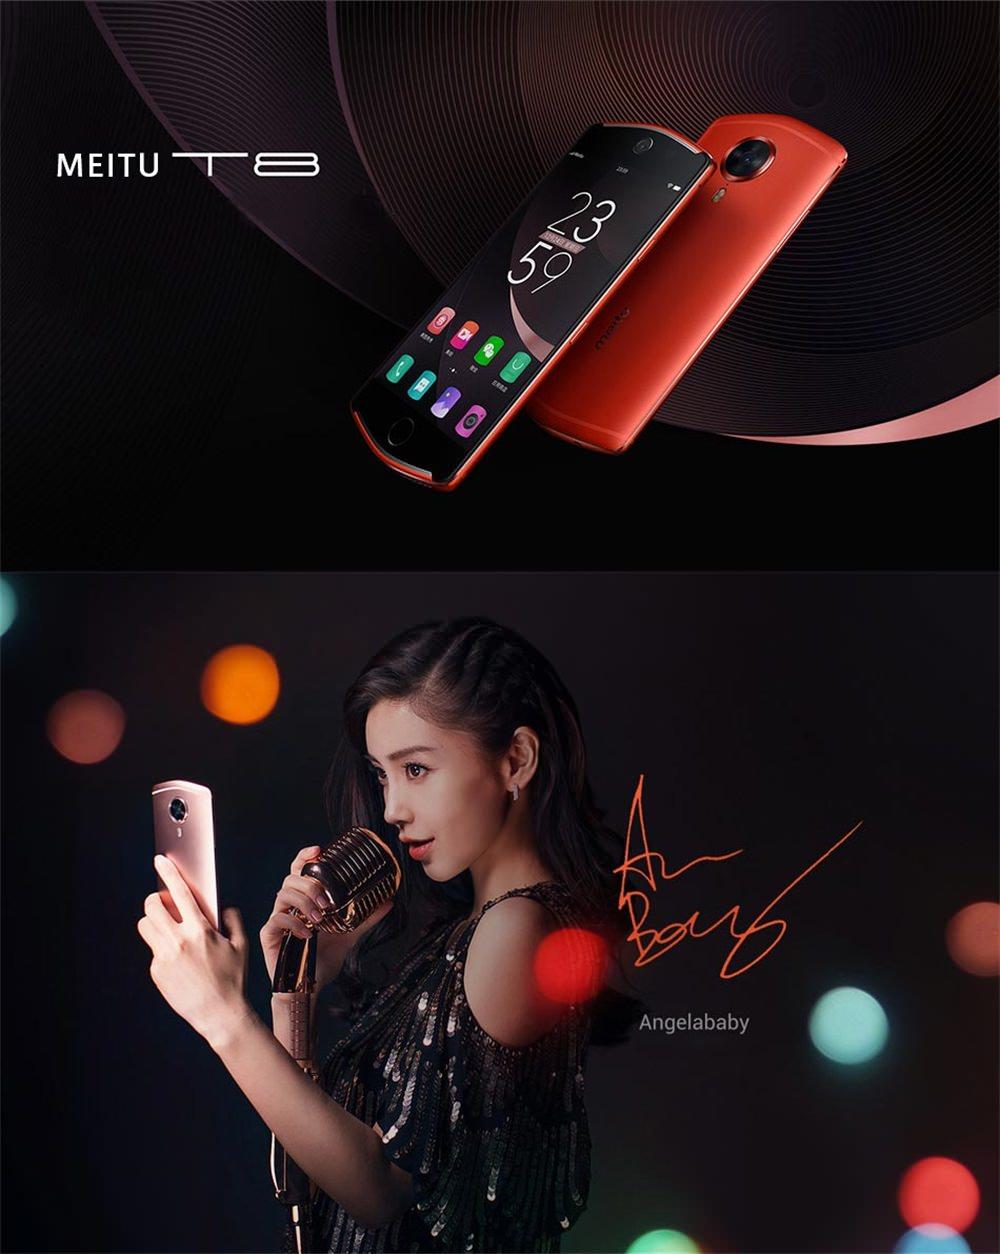 meitu t8 4g smartphone